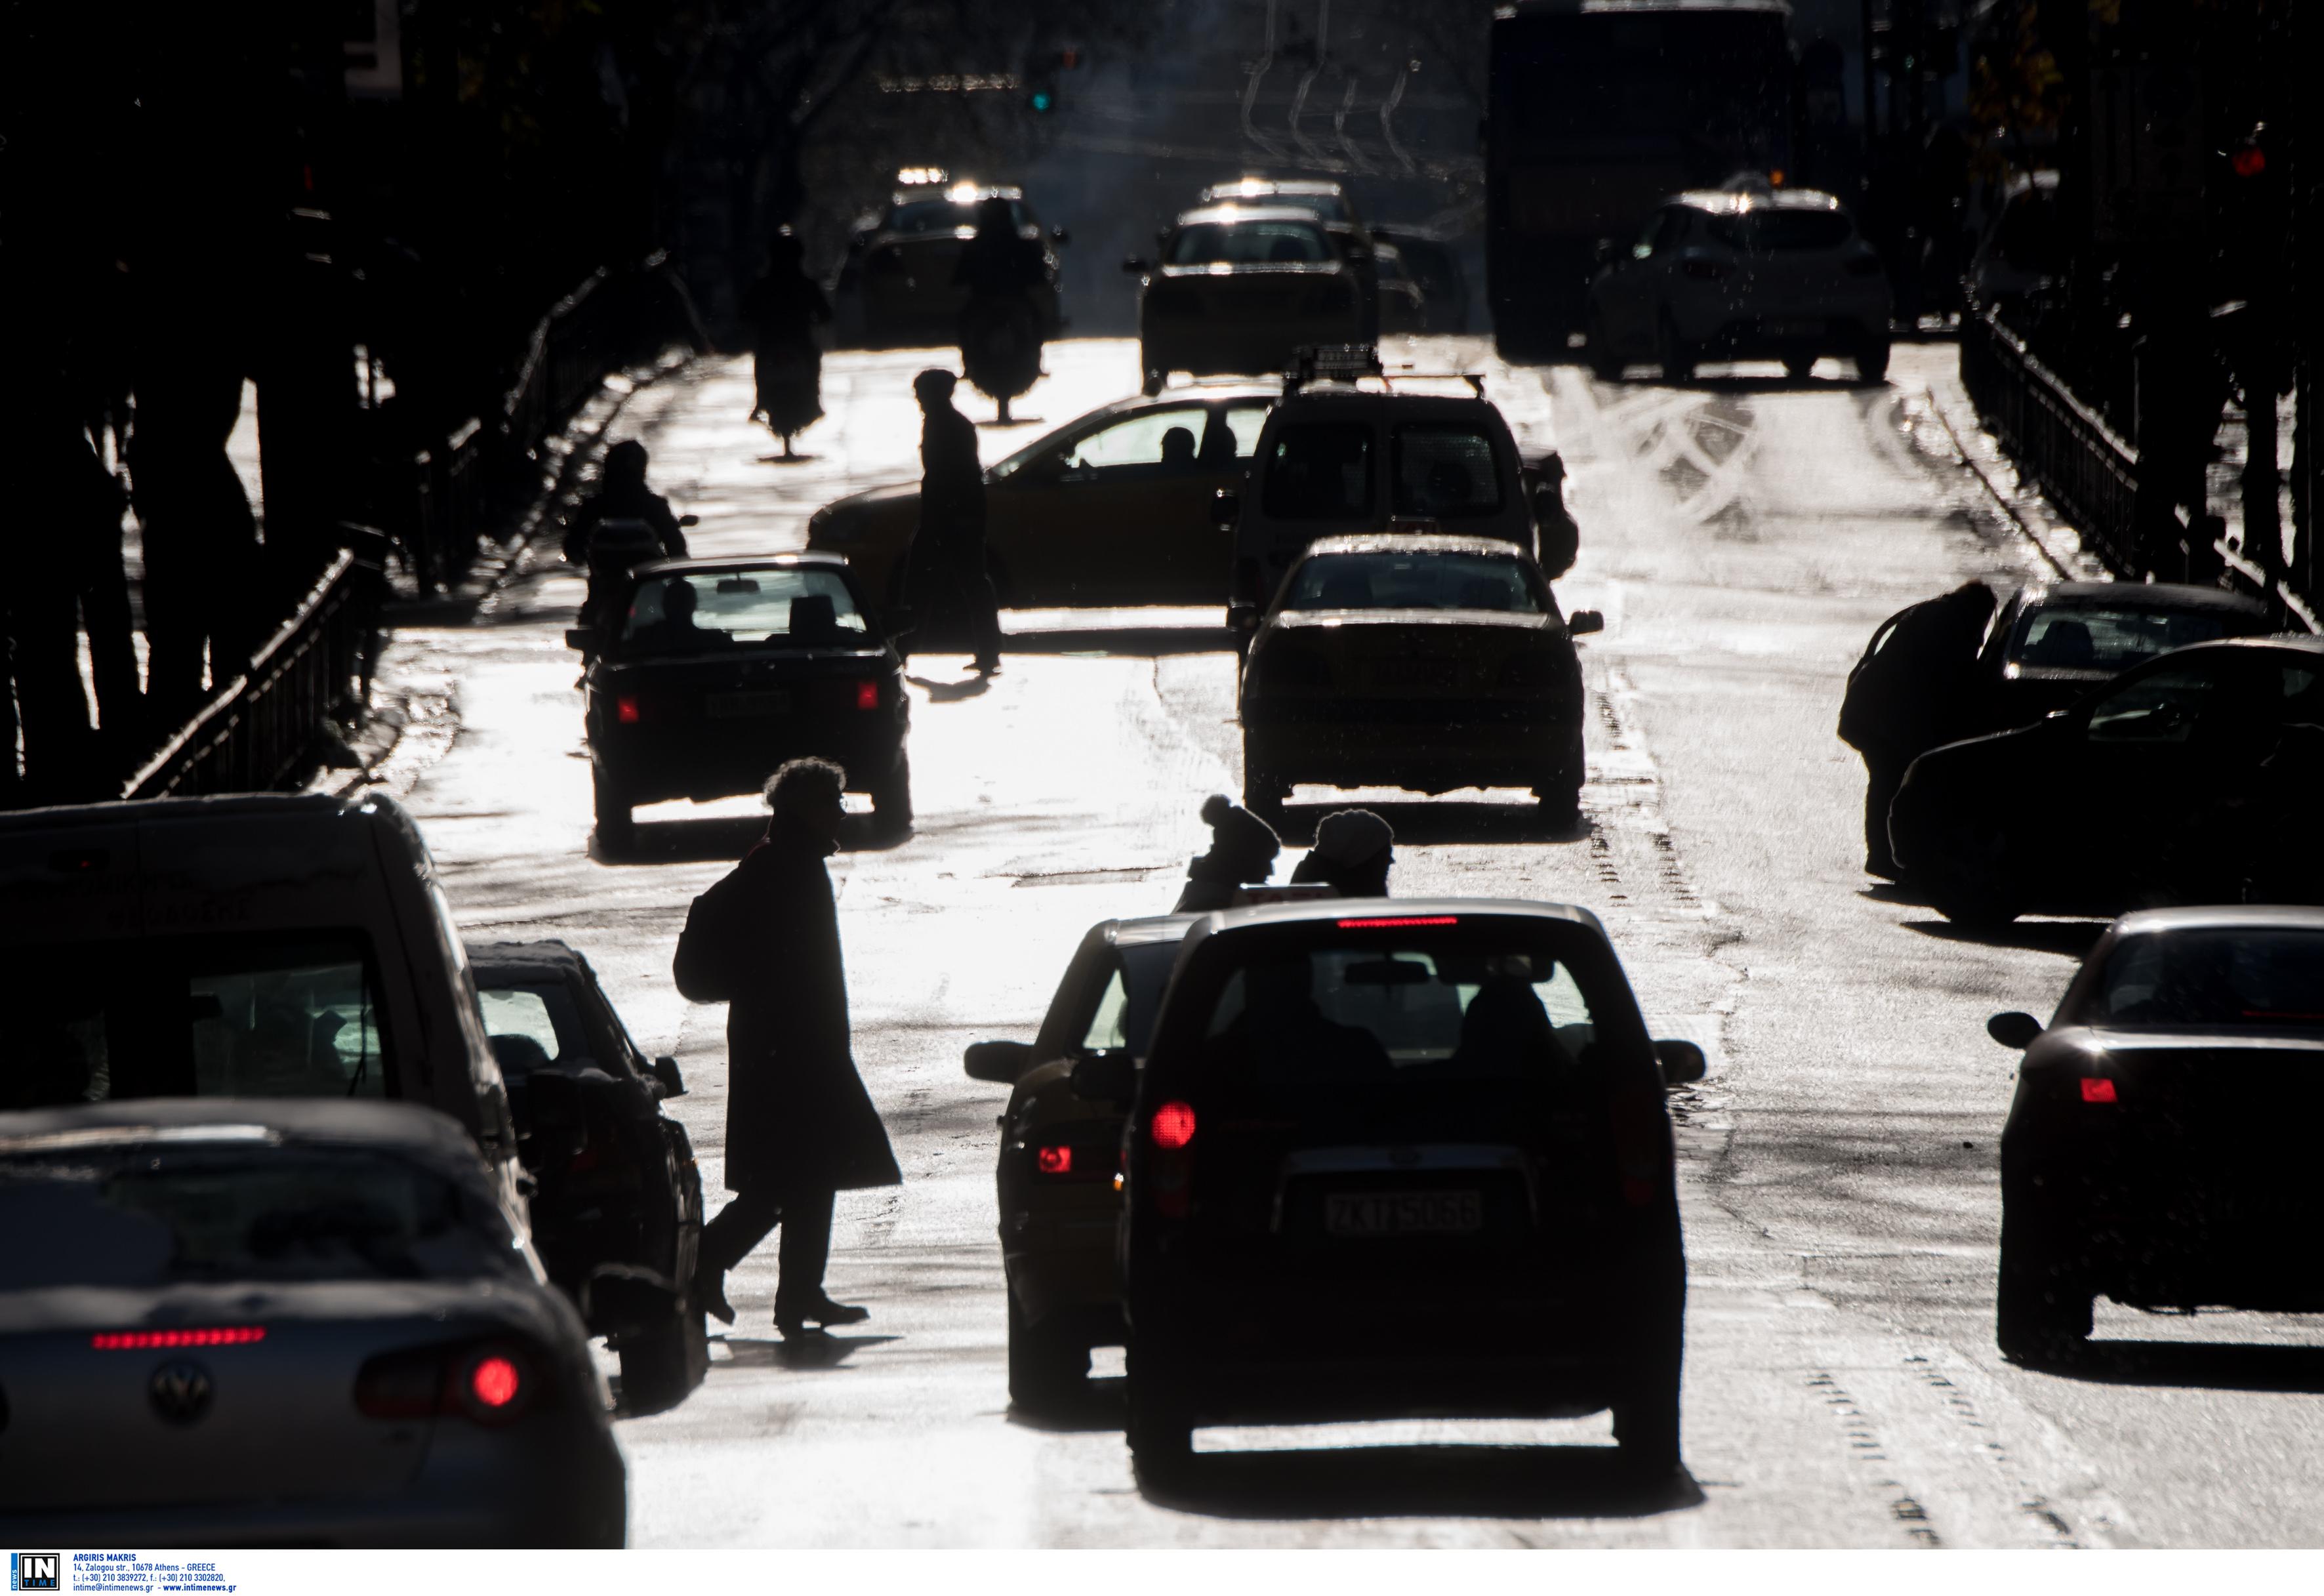 Ανατροπές στη φορολόγηση ΙΧ με μακροχρόνια μίσθωση – Ανάσα για τα μεσαία αυτοκίνητα αλλά χαράτσι για  τα μεγάλα